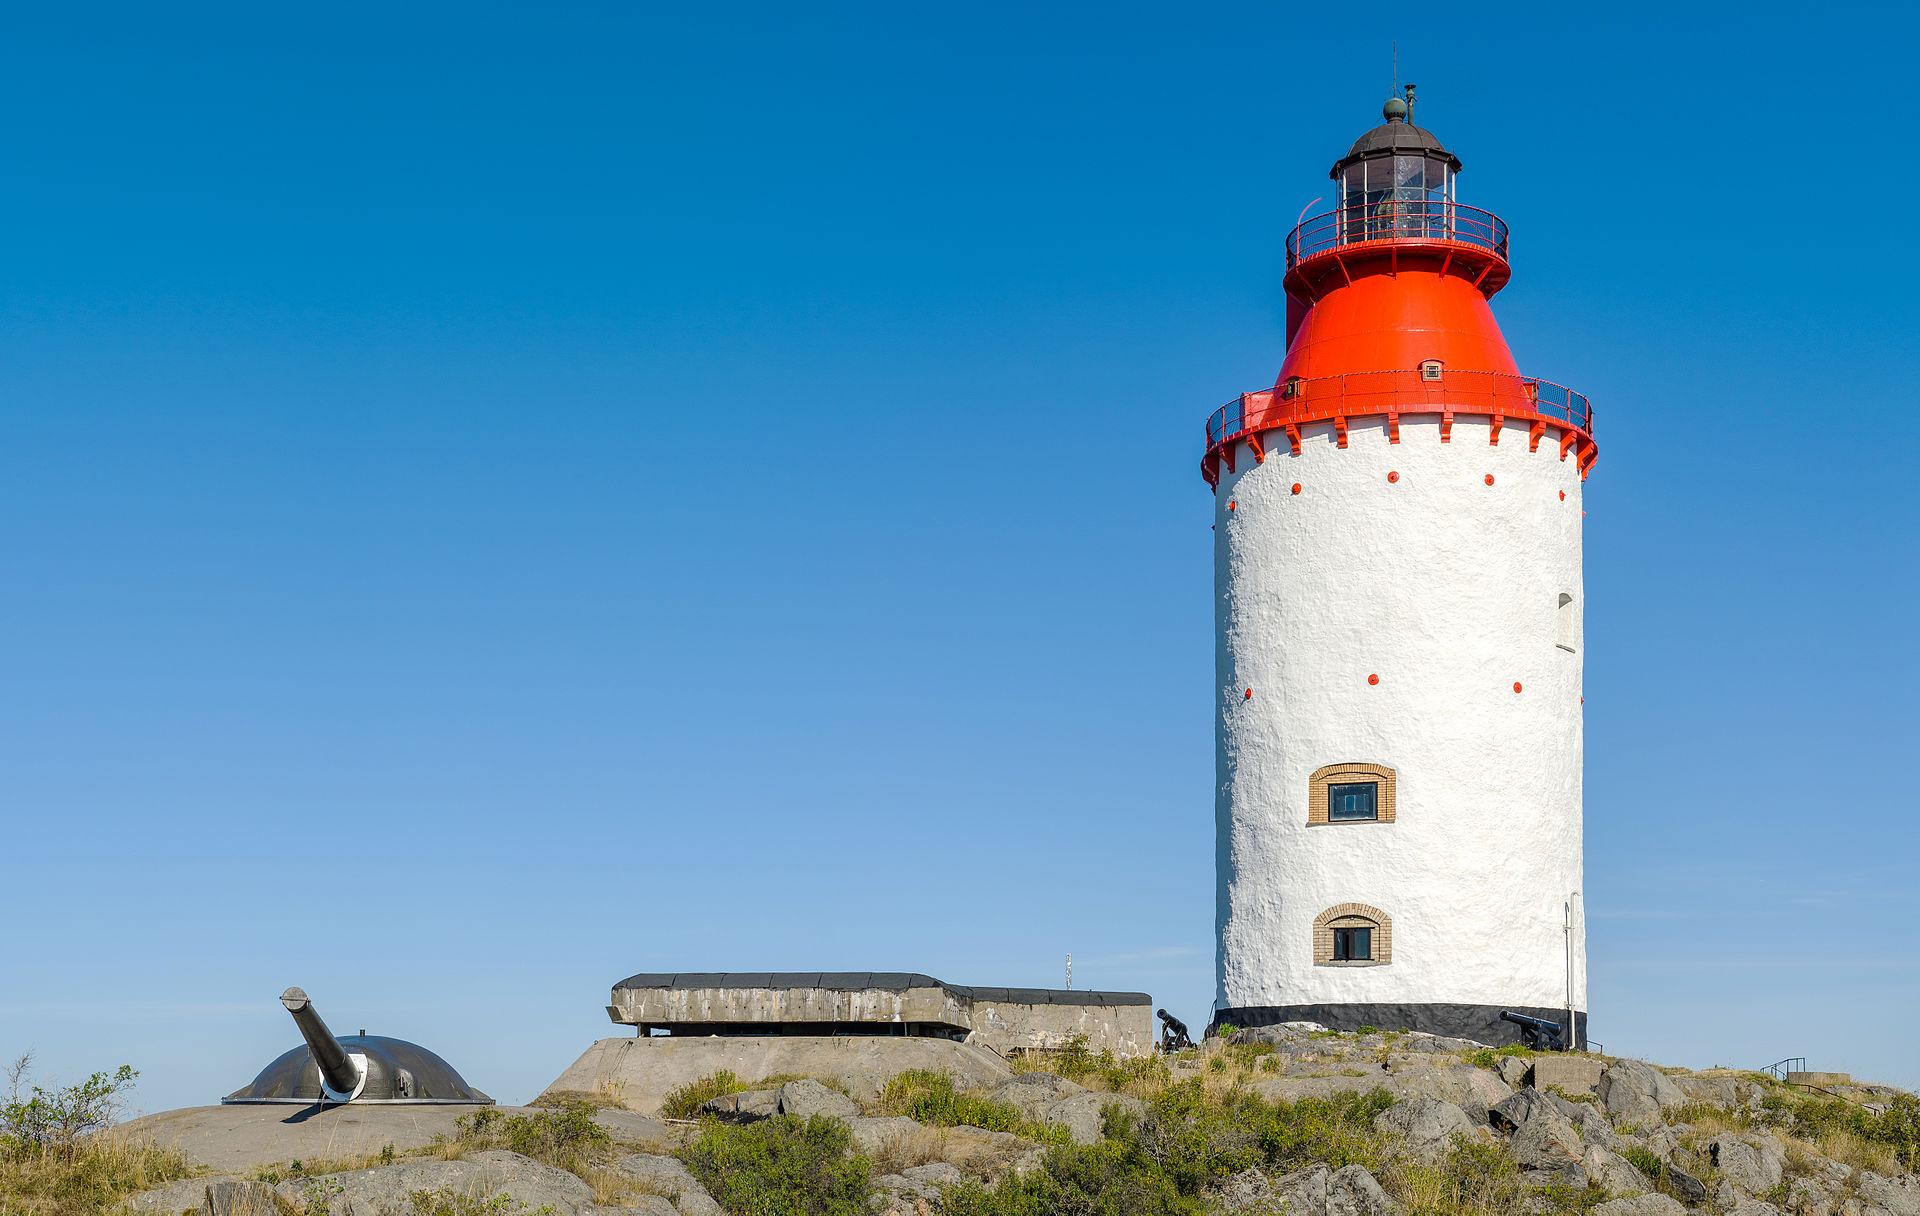 landsort lighthouse stockholm archipelago